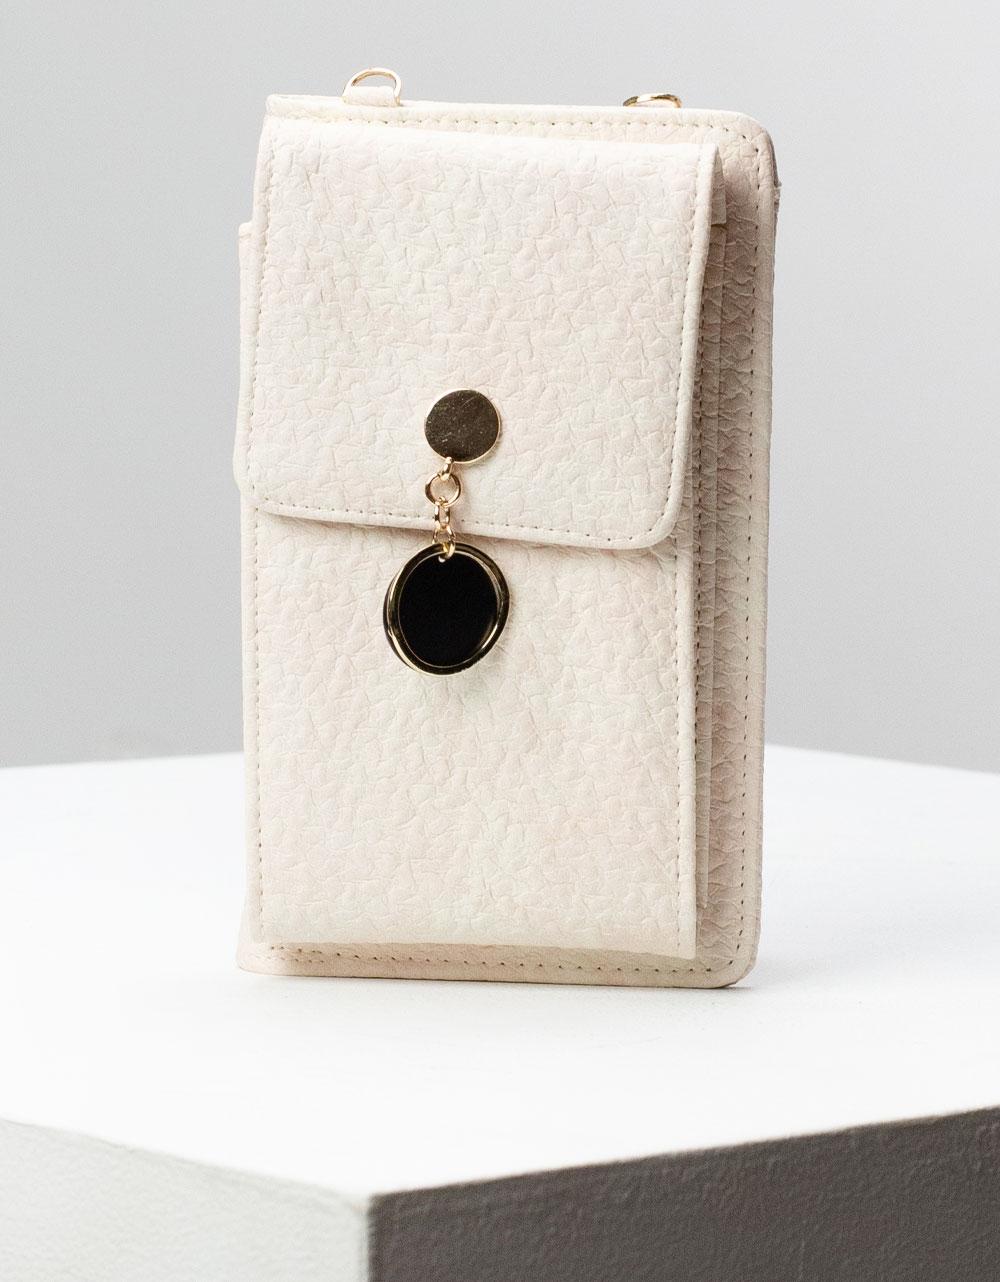 Εικόνα από Γυναικεία πορτοφόλια με εξωτερική θήκη κινητού και μεταλλικό διακοσμητικό Λευκό